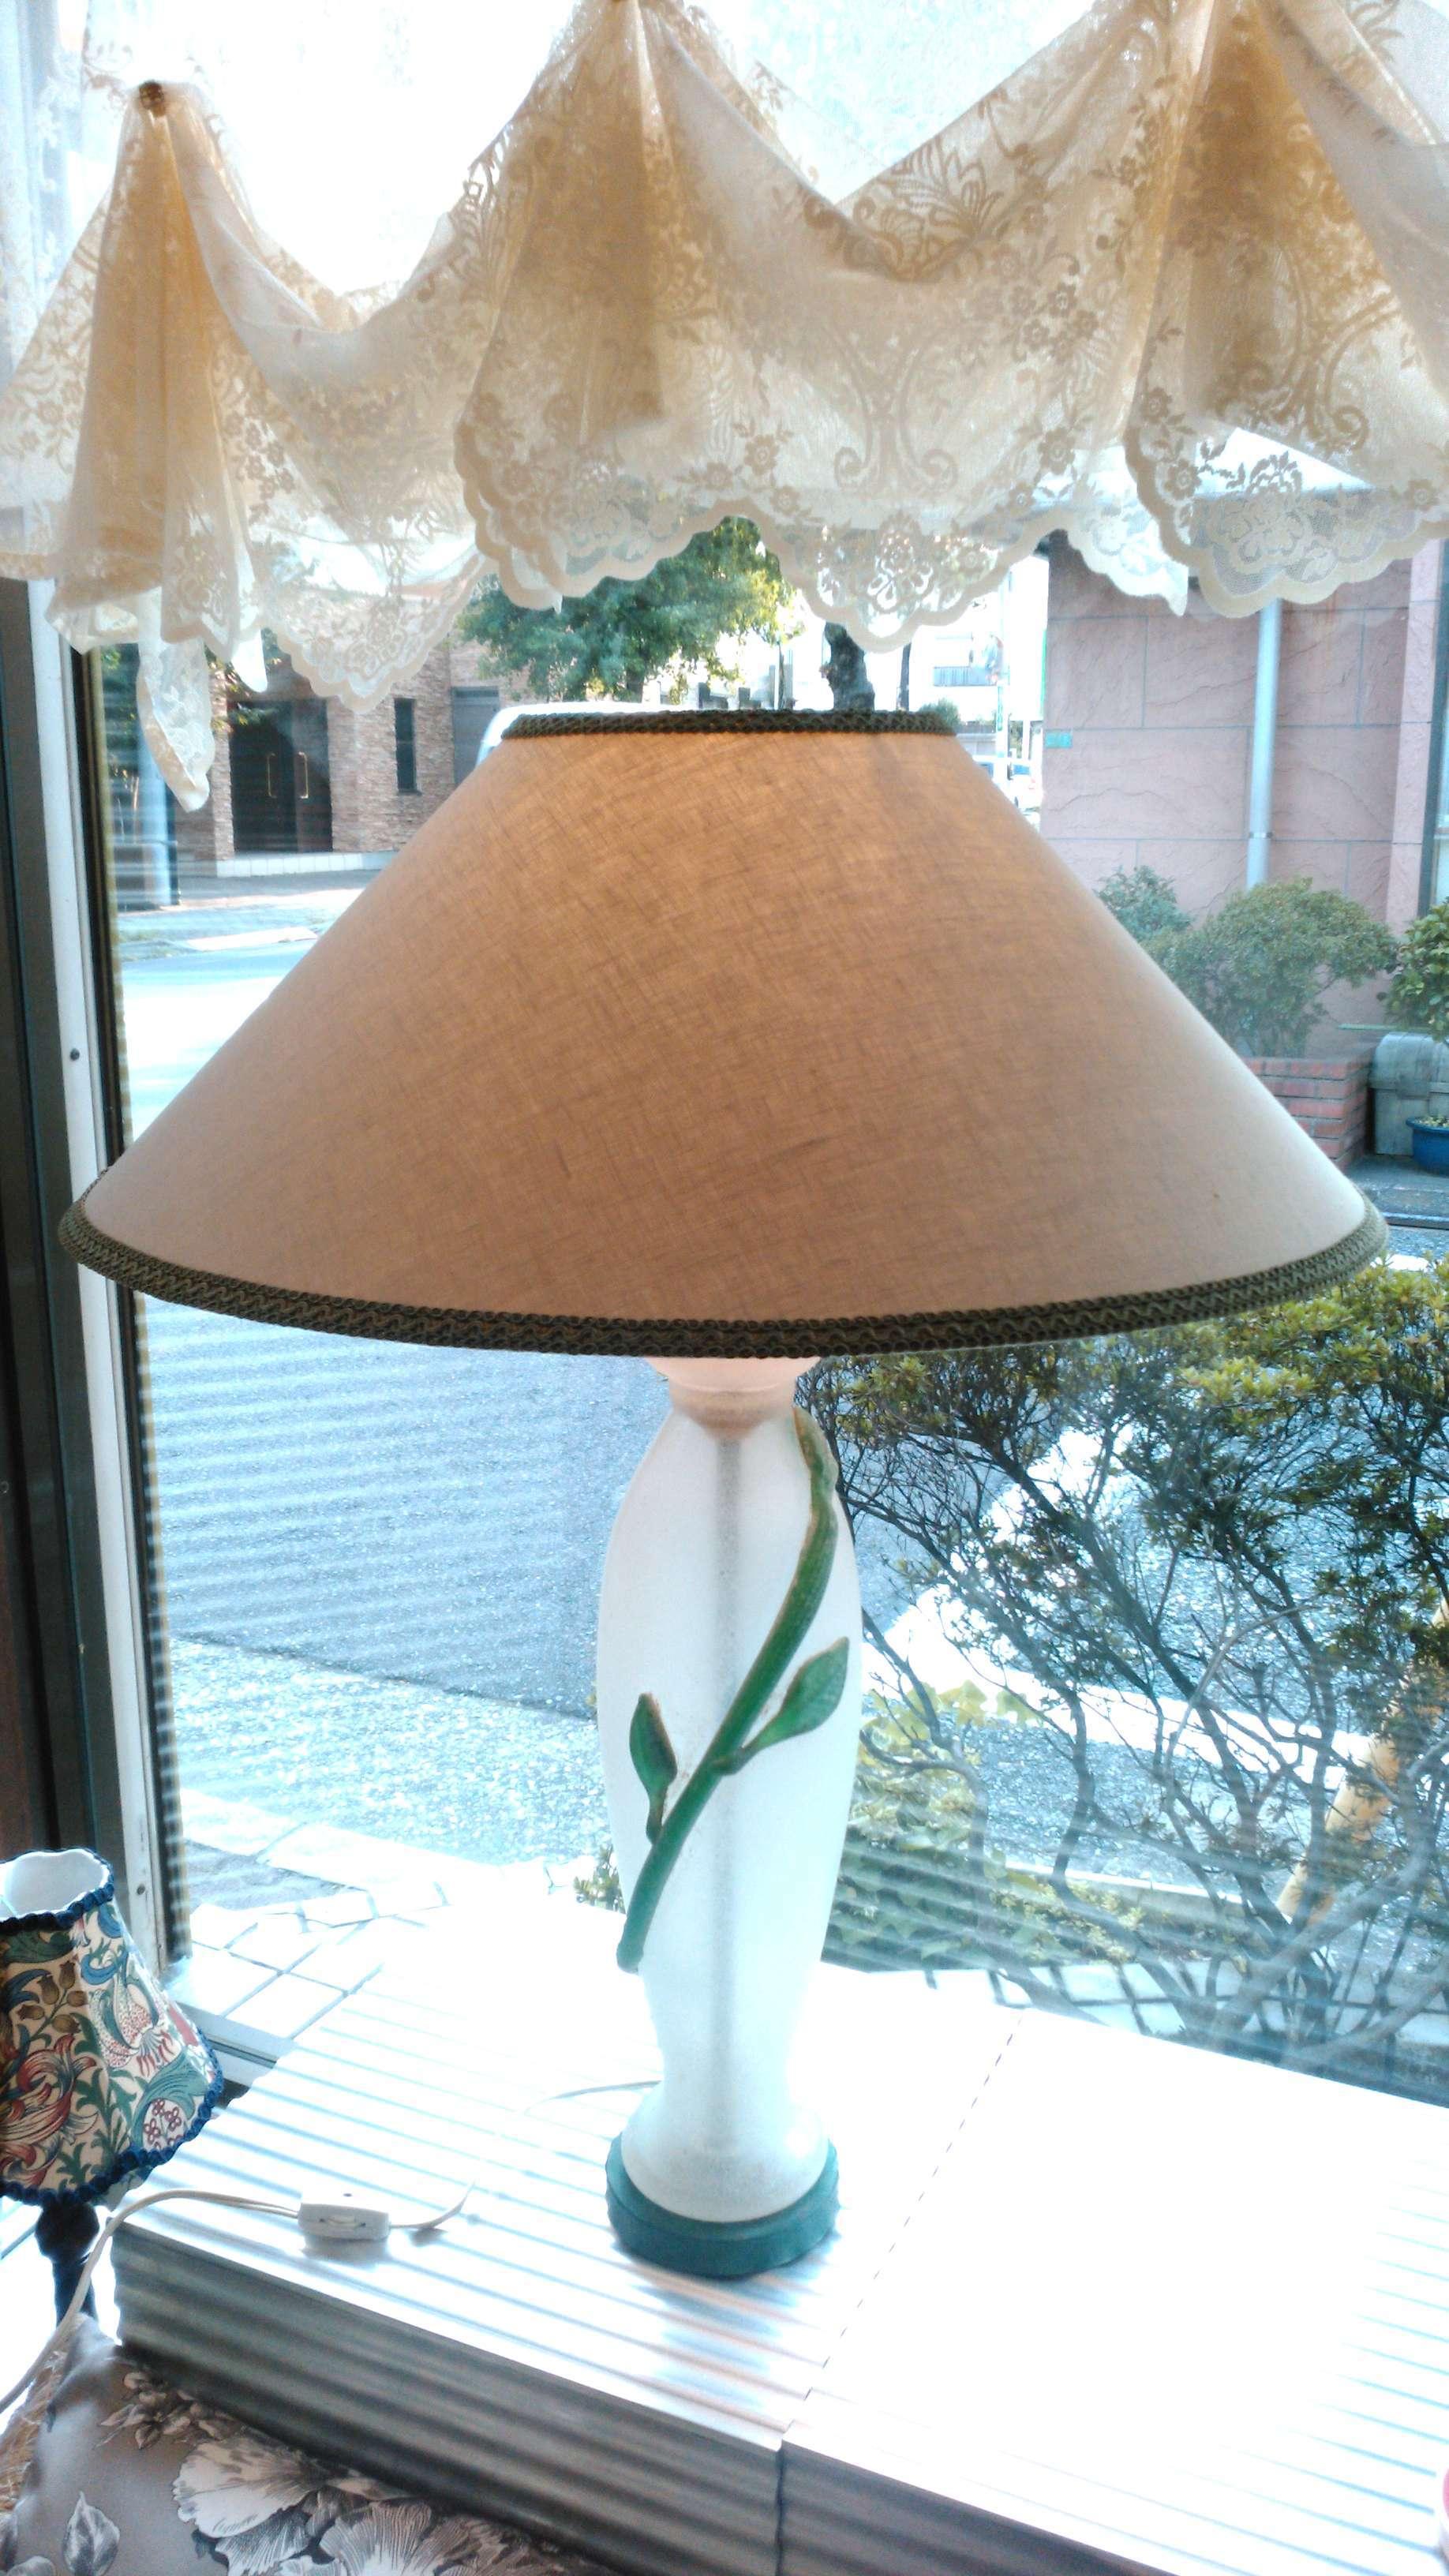 ランプシェード 張替 ウィリアムモリス正規販売店のブライト_c0157866_19263415.jpg